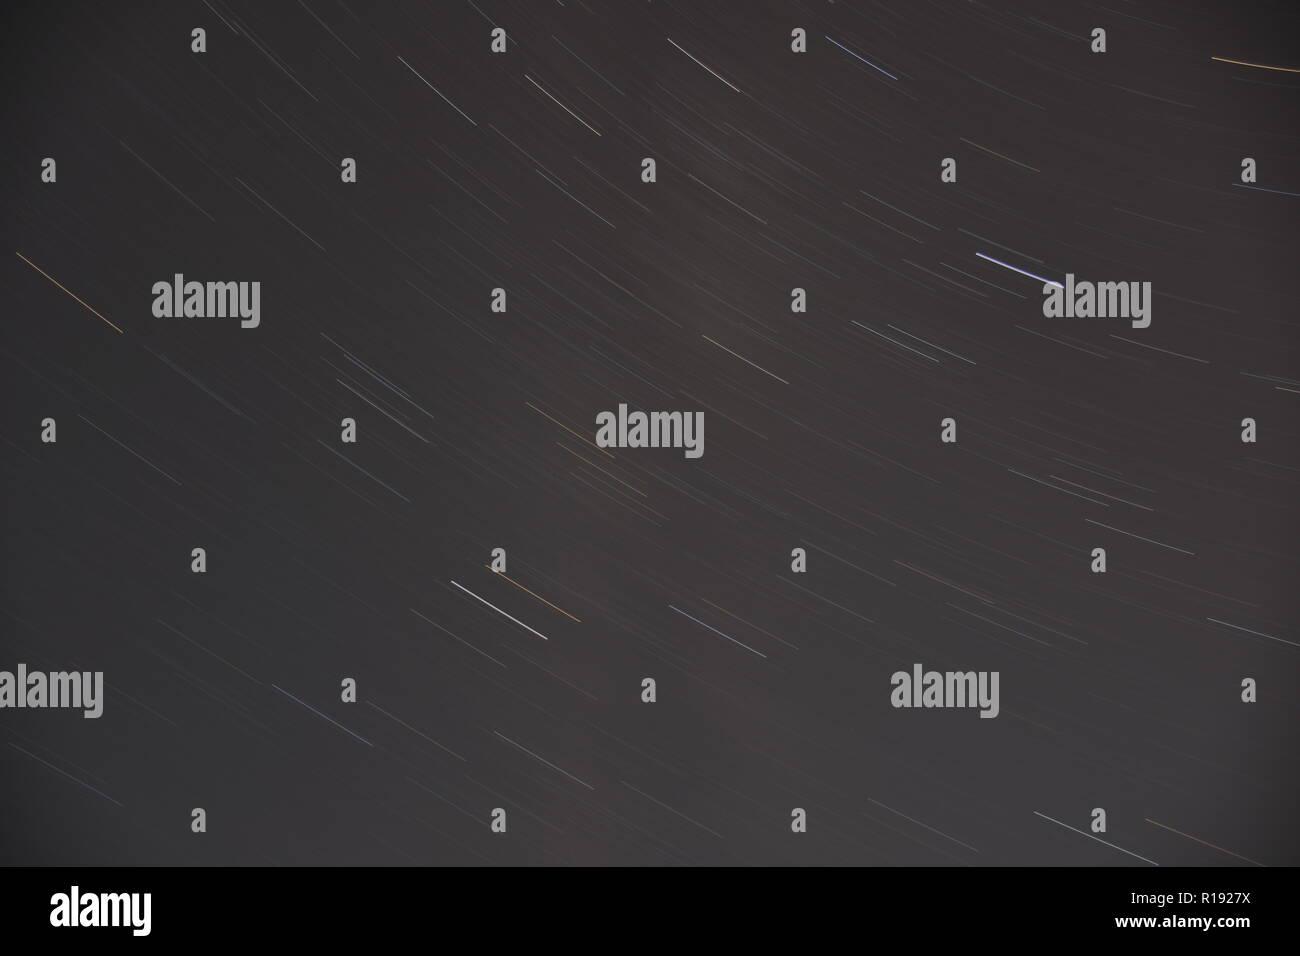 Nacht, Himmel, Sterne, zeit, Dauerbelichtung, Milchstraße, Stern, Sterne, Sonne, Planet, Lichtjahr, Entfernung, Verschmutzung, Lichtverschmutzung, Öst Stock Photo